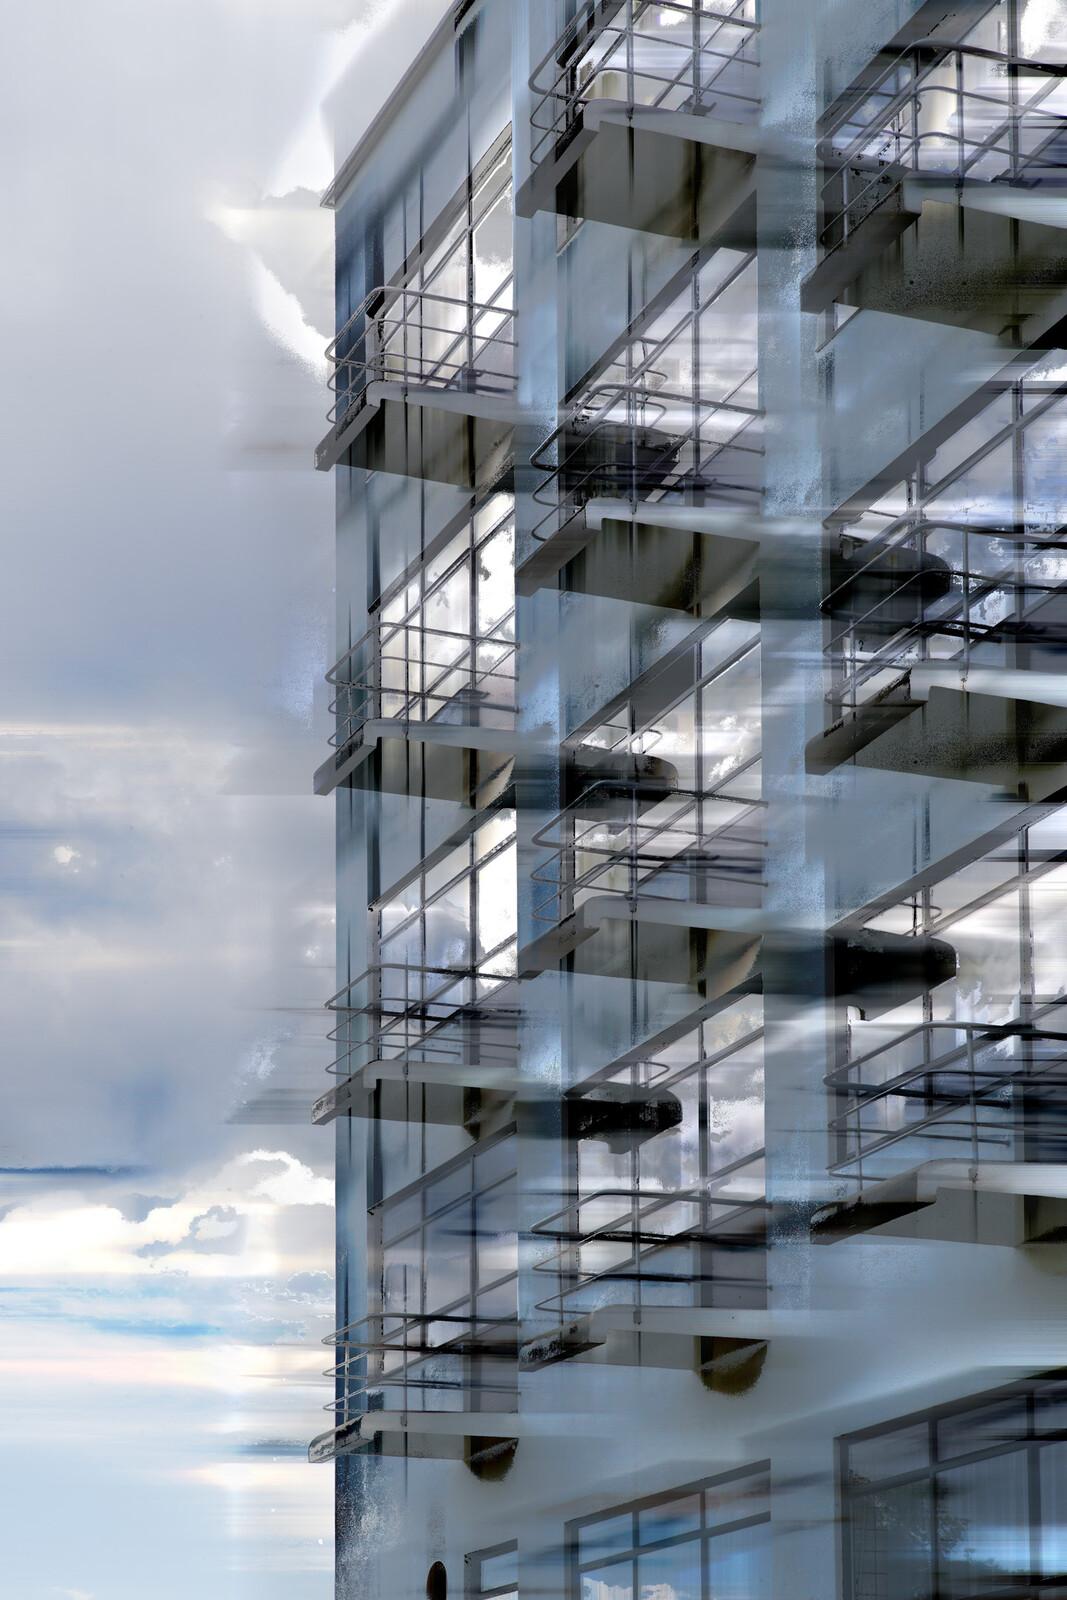 Bauhaus Dessau IV - Sabine Wild